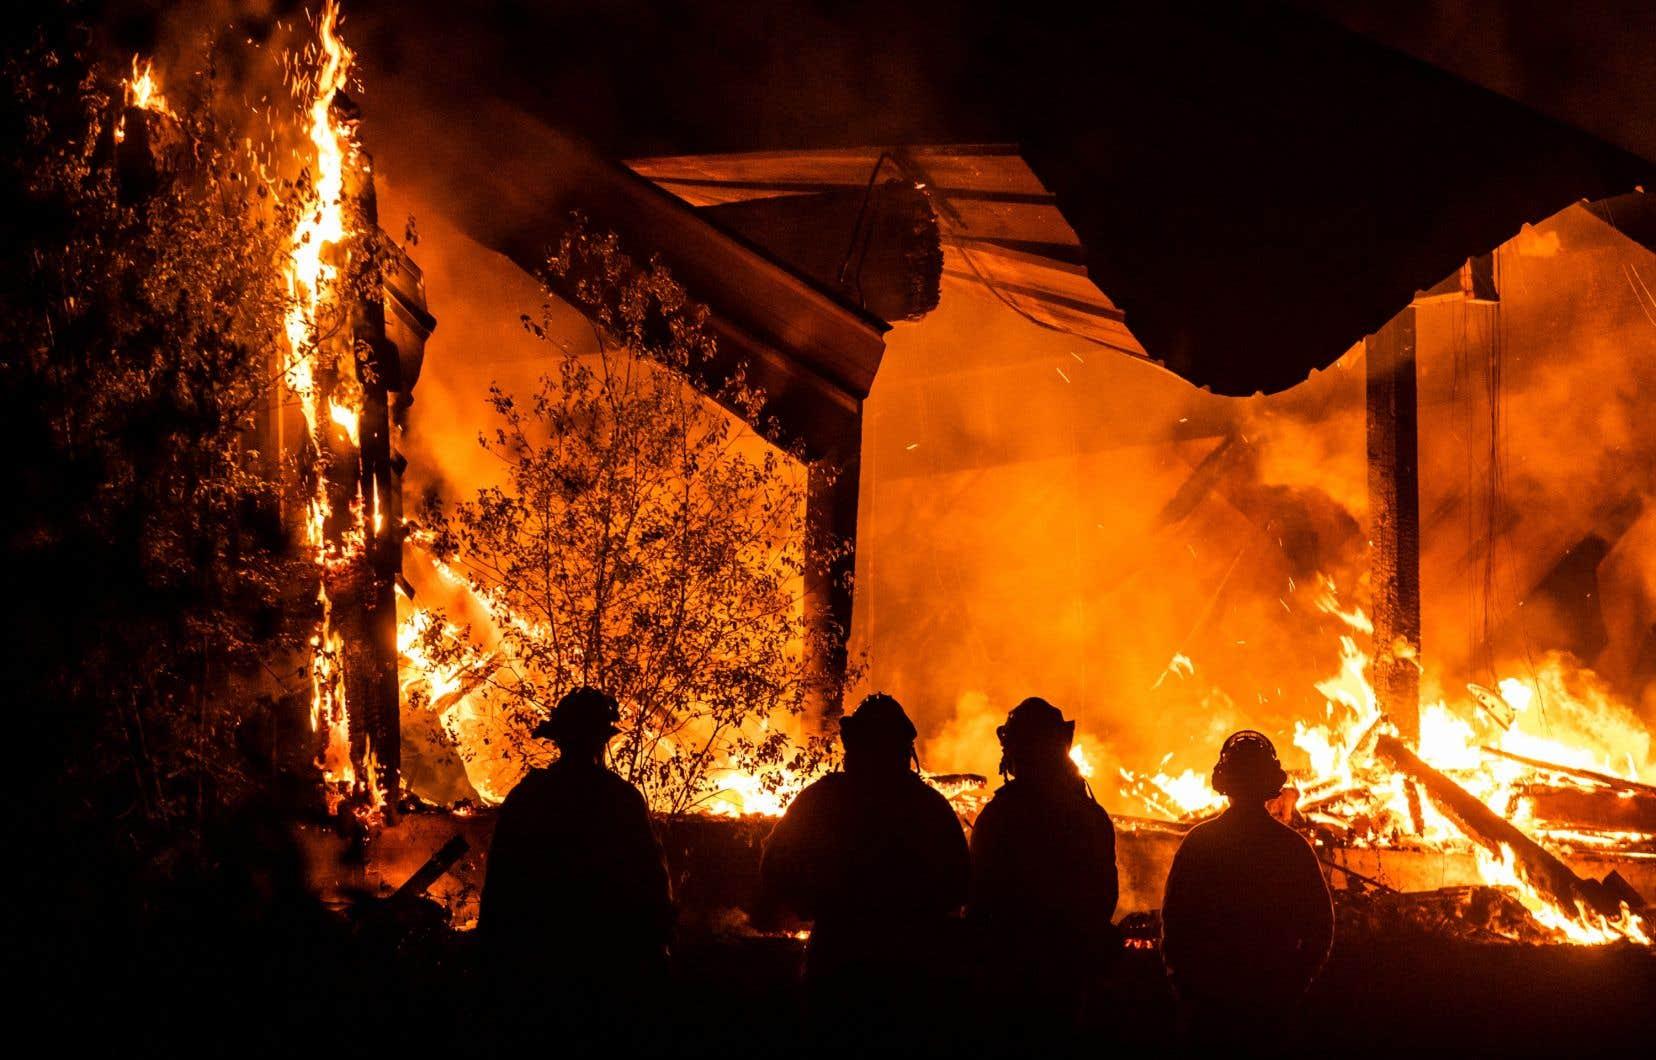 Le feu <em>Kincade</em>, qui brûle depuis une semaine, a détruit 206 bâtiments et plus de 90000 autres sont menacés par les flammes.